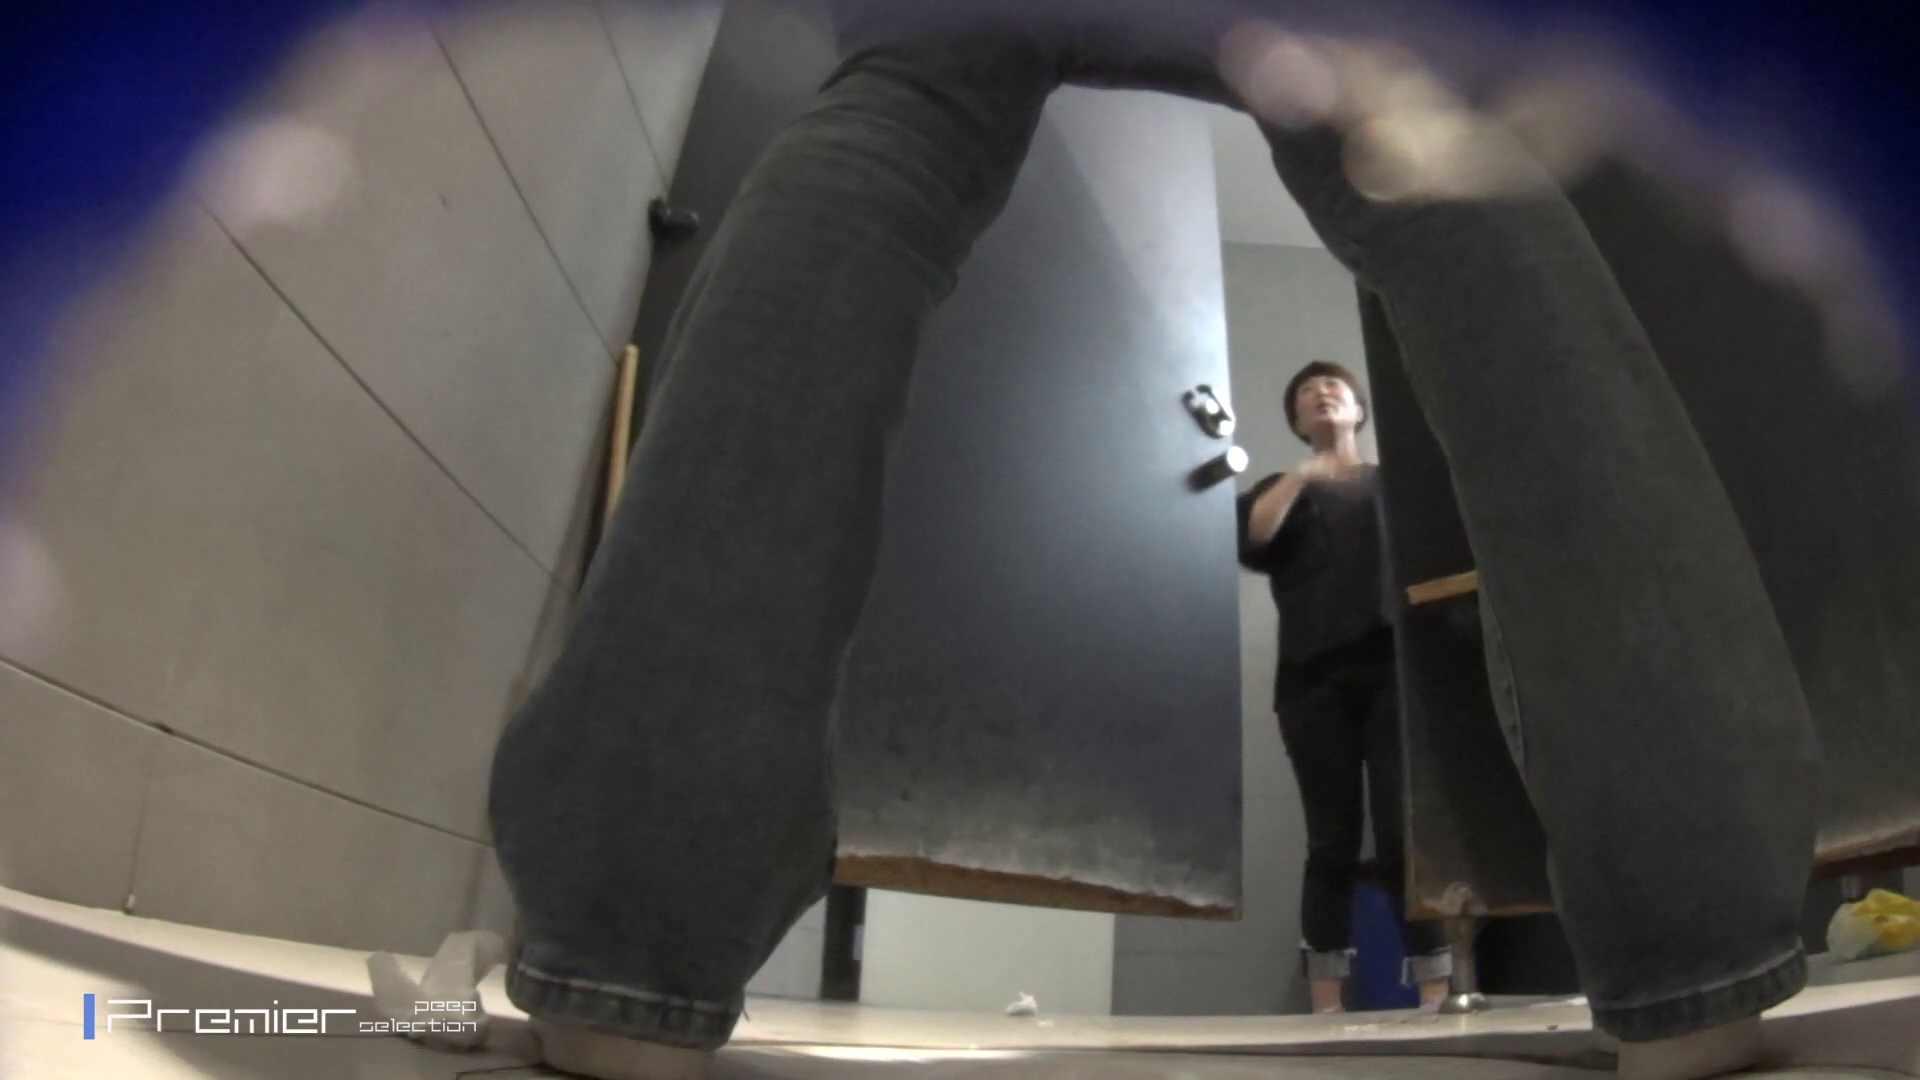 黒スパッツ美女 大学休憩時間の洗面所事情70 美女 AV無料動画キャプチャ 79枚 44